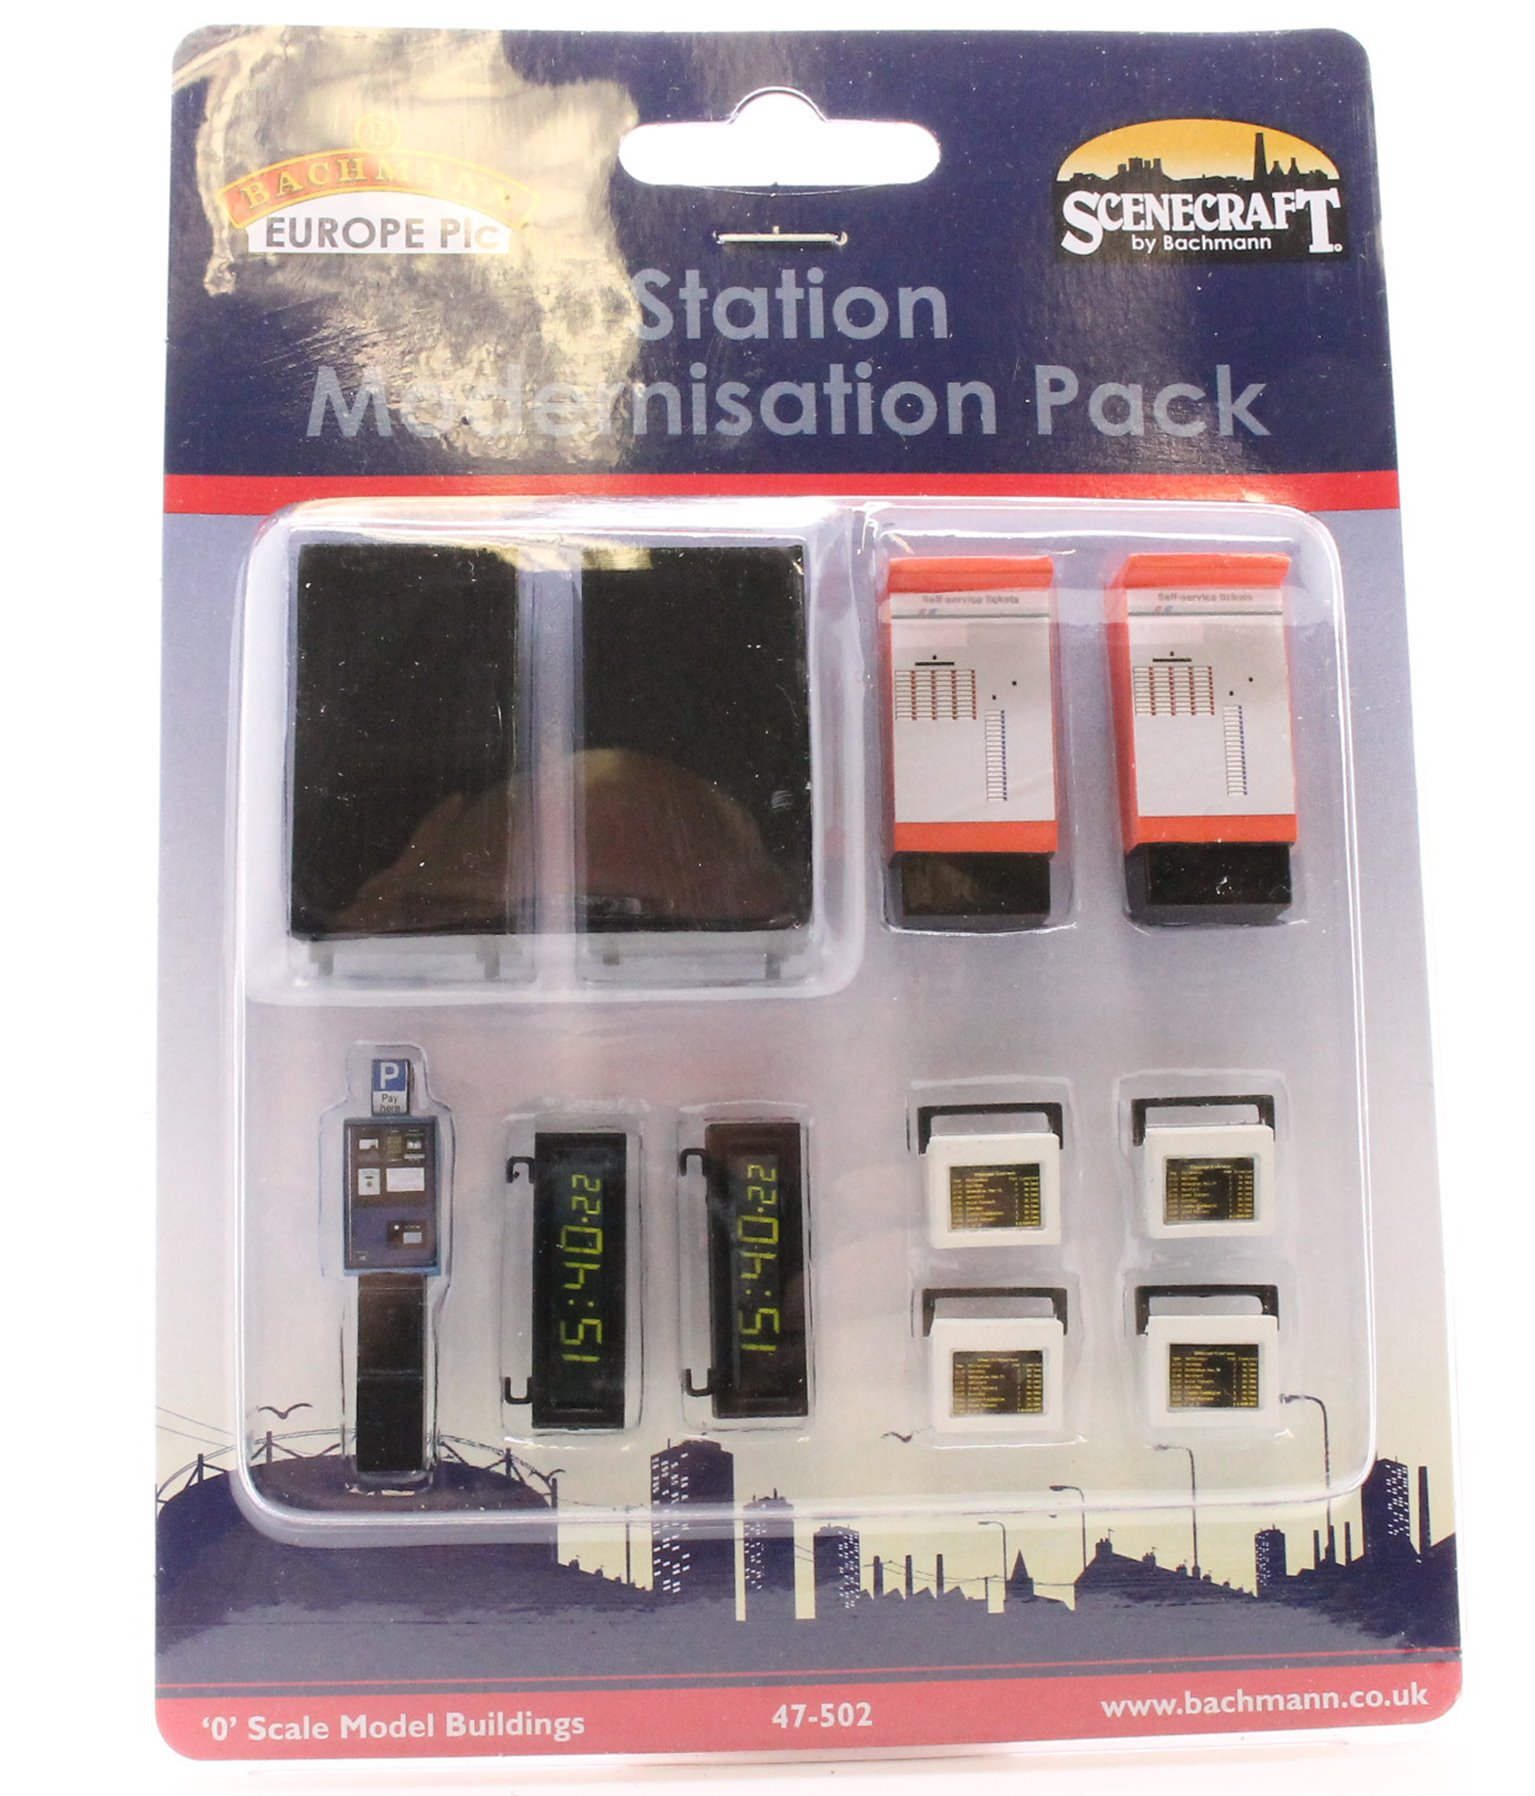 Station Modernisation Pack